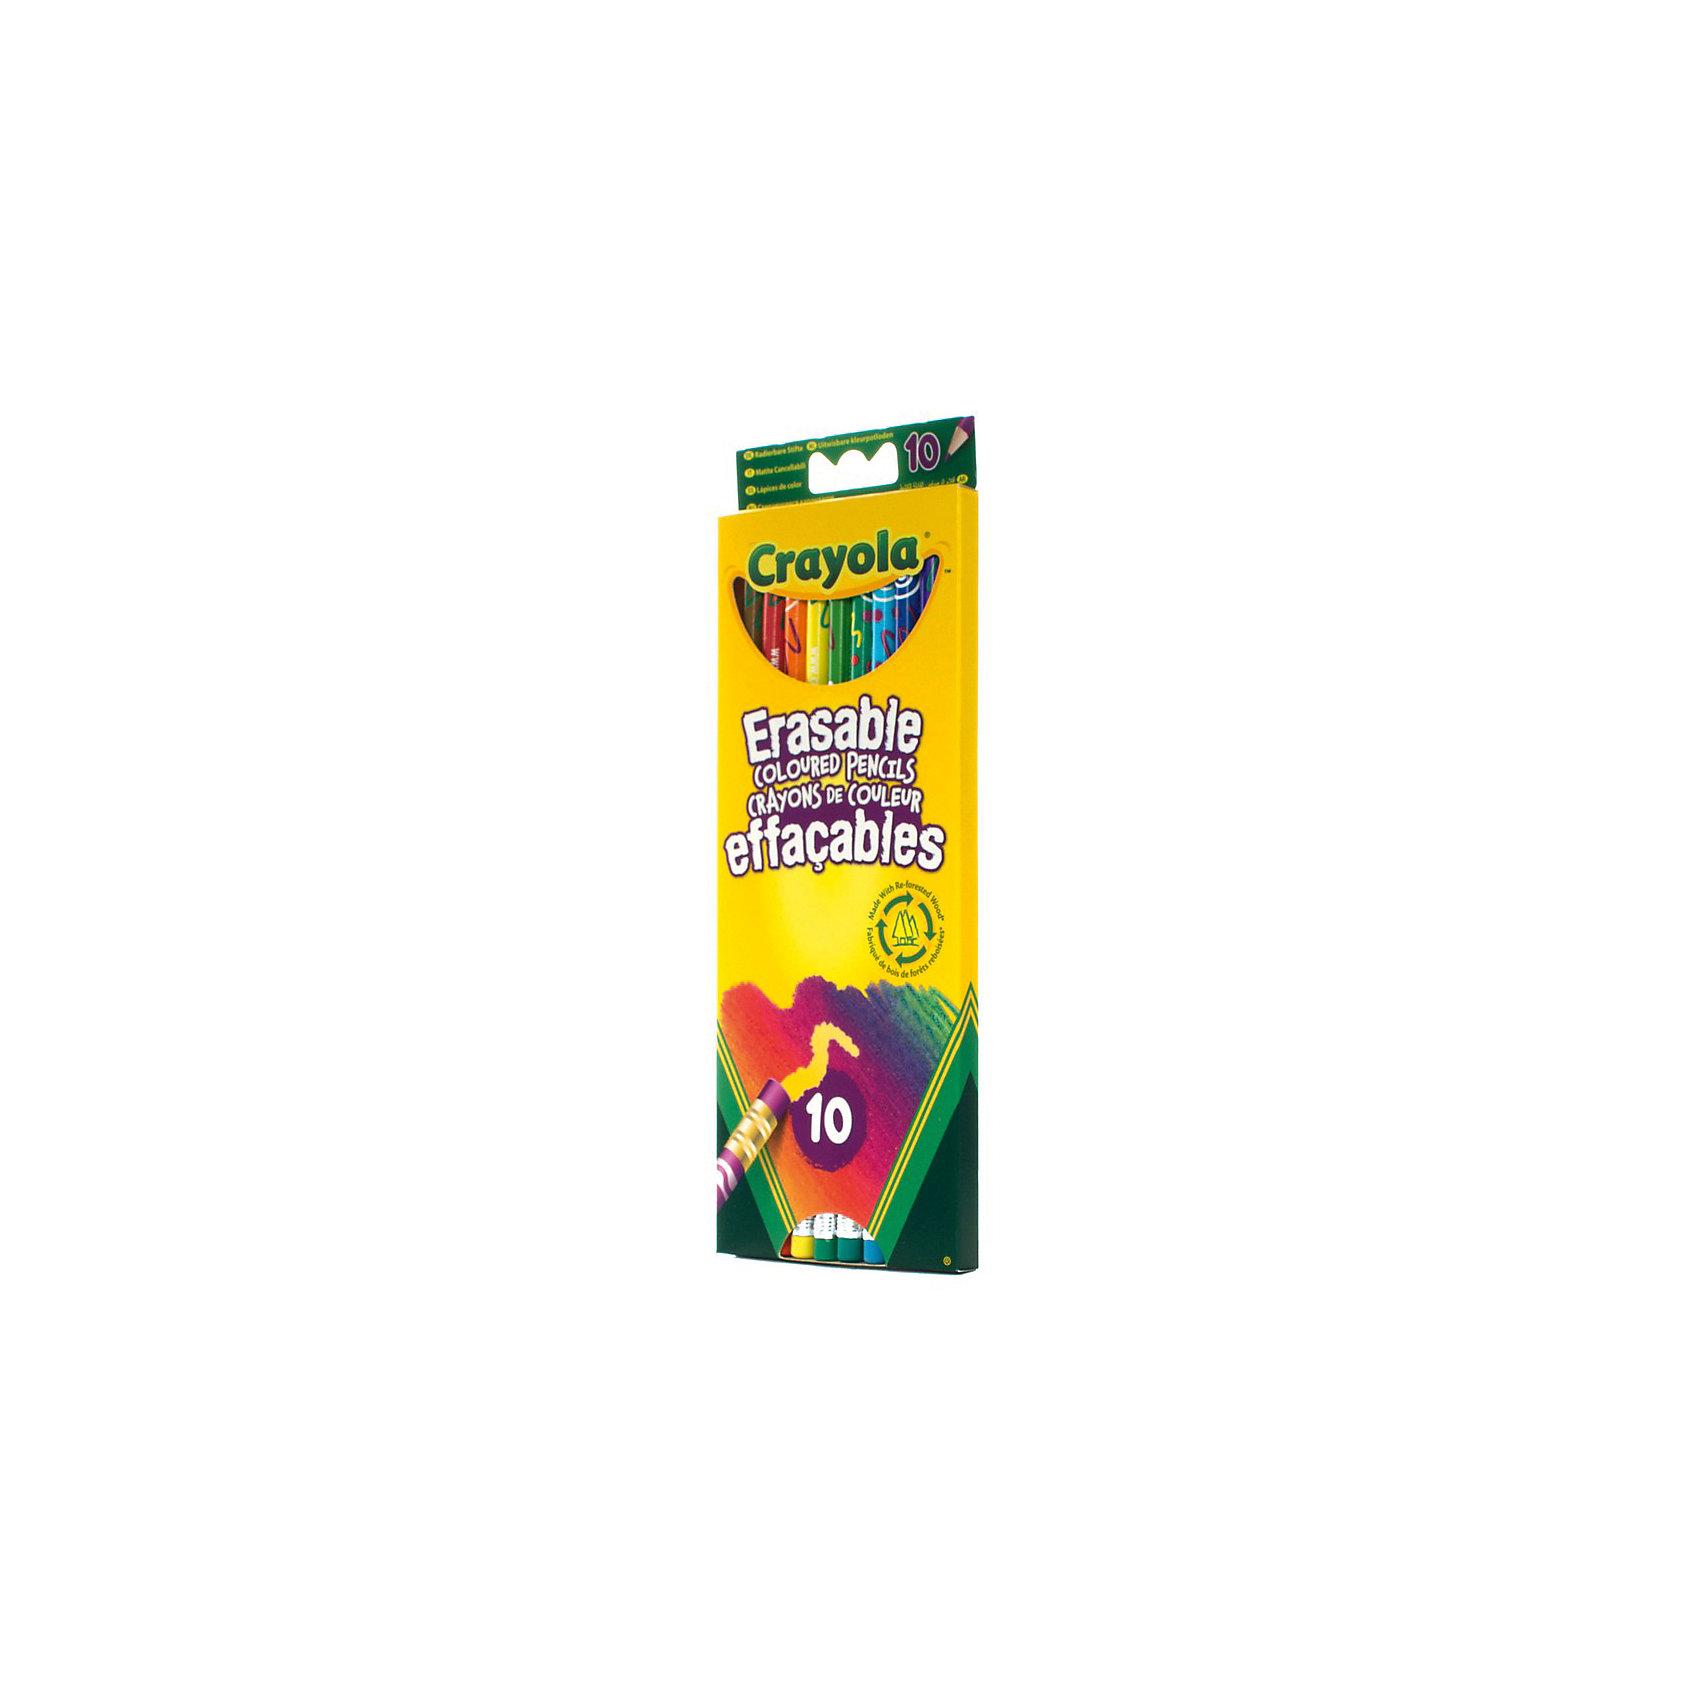 Набор цветных карандашей с корректорами, CrayolaВсе 10 цветных карандашей их этого набора от Crayola (Крайола) оснащены ластиками. На конце каждого карандаша – стирательная резинка соответствующего цвета. <br>Часто при раскрашивании цветными карандашами малыши сталкиваются с тем, что практически невозможно удалить часть рисунка или подкорректировать его. В лучшем случае – остаются разводы, в худшем – портится бумага, появляются дырки. Но только не с этими карандашами! Благодаря специальной технологии ластики с карандашей идеально стирают все нарисованное соответствующим цветом, не оставляя грязи и разводов.<br><br>Дополнительная информация:<br><br>В наборе вы найдете карандаши 10 цветов. Корпус каждого из них покрыт разнообразными узорами. <br>Размер карандаша: 19 х 0,7 см (диаметр).<br>Все стержни карандашей – с диаметром 0,33 см. <br>Размеры упаковки: 8х0,9х22,7 см. <br>Вес набора: 80 грамм.<br><br>Набор цветных карандашей с корректорами, Crayola (Крайола) можно купить в нашем магазине.<br><br>Ширина мм: 211<br>Глубина мм: 81<br>Высота мм: 10<br>Вес г: 65<br>Возраст от месяцев: 36<br>Возраст до месяцев: 96<br>Пол: Унисекс<br>Возраст: Детский<br>SKU: 2129334